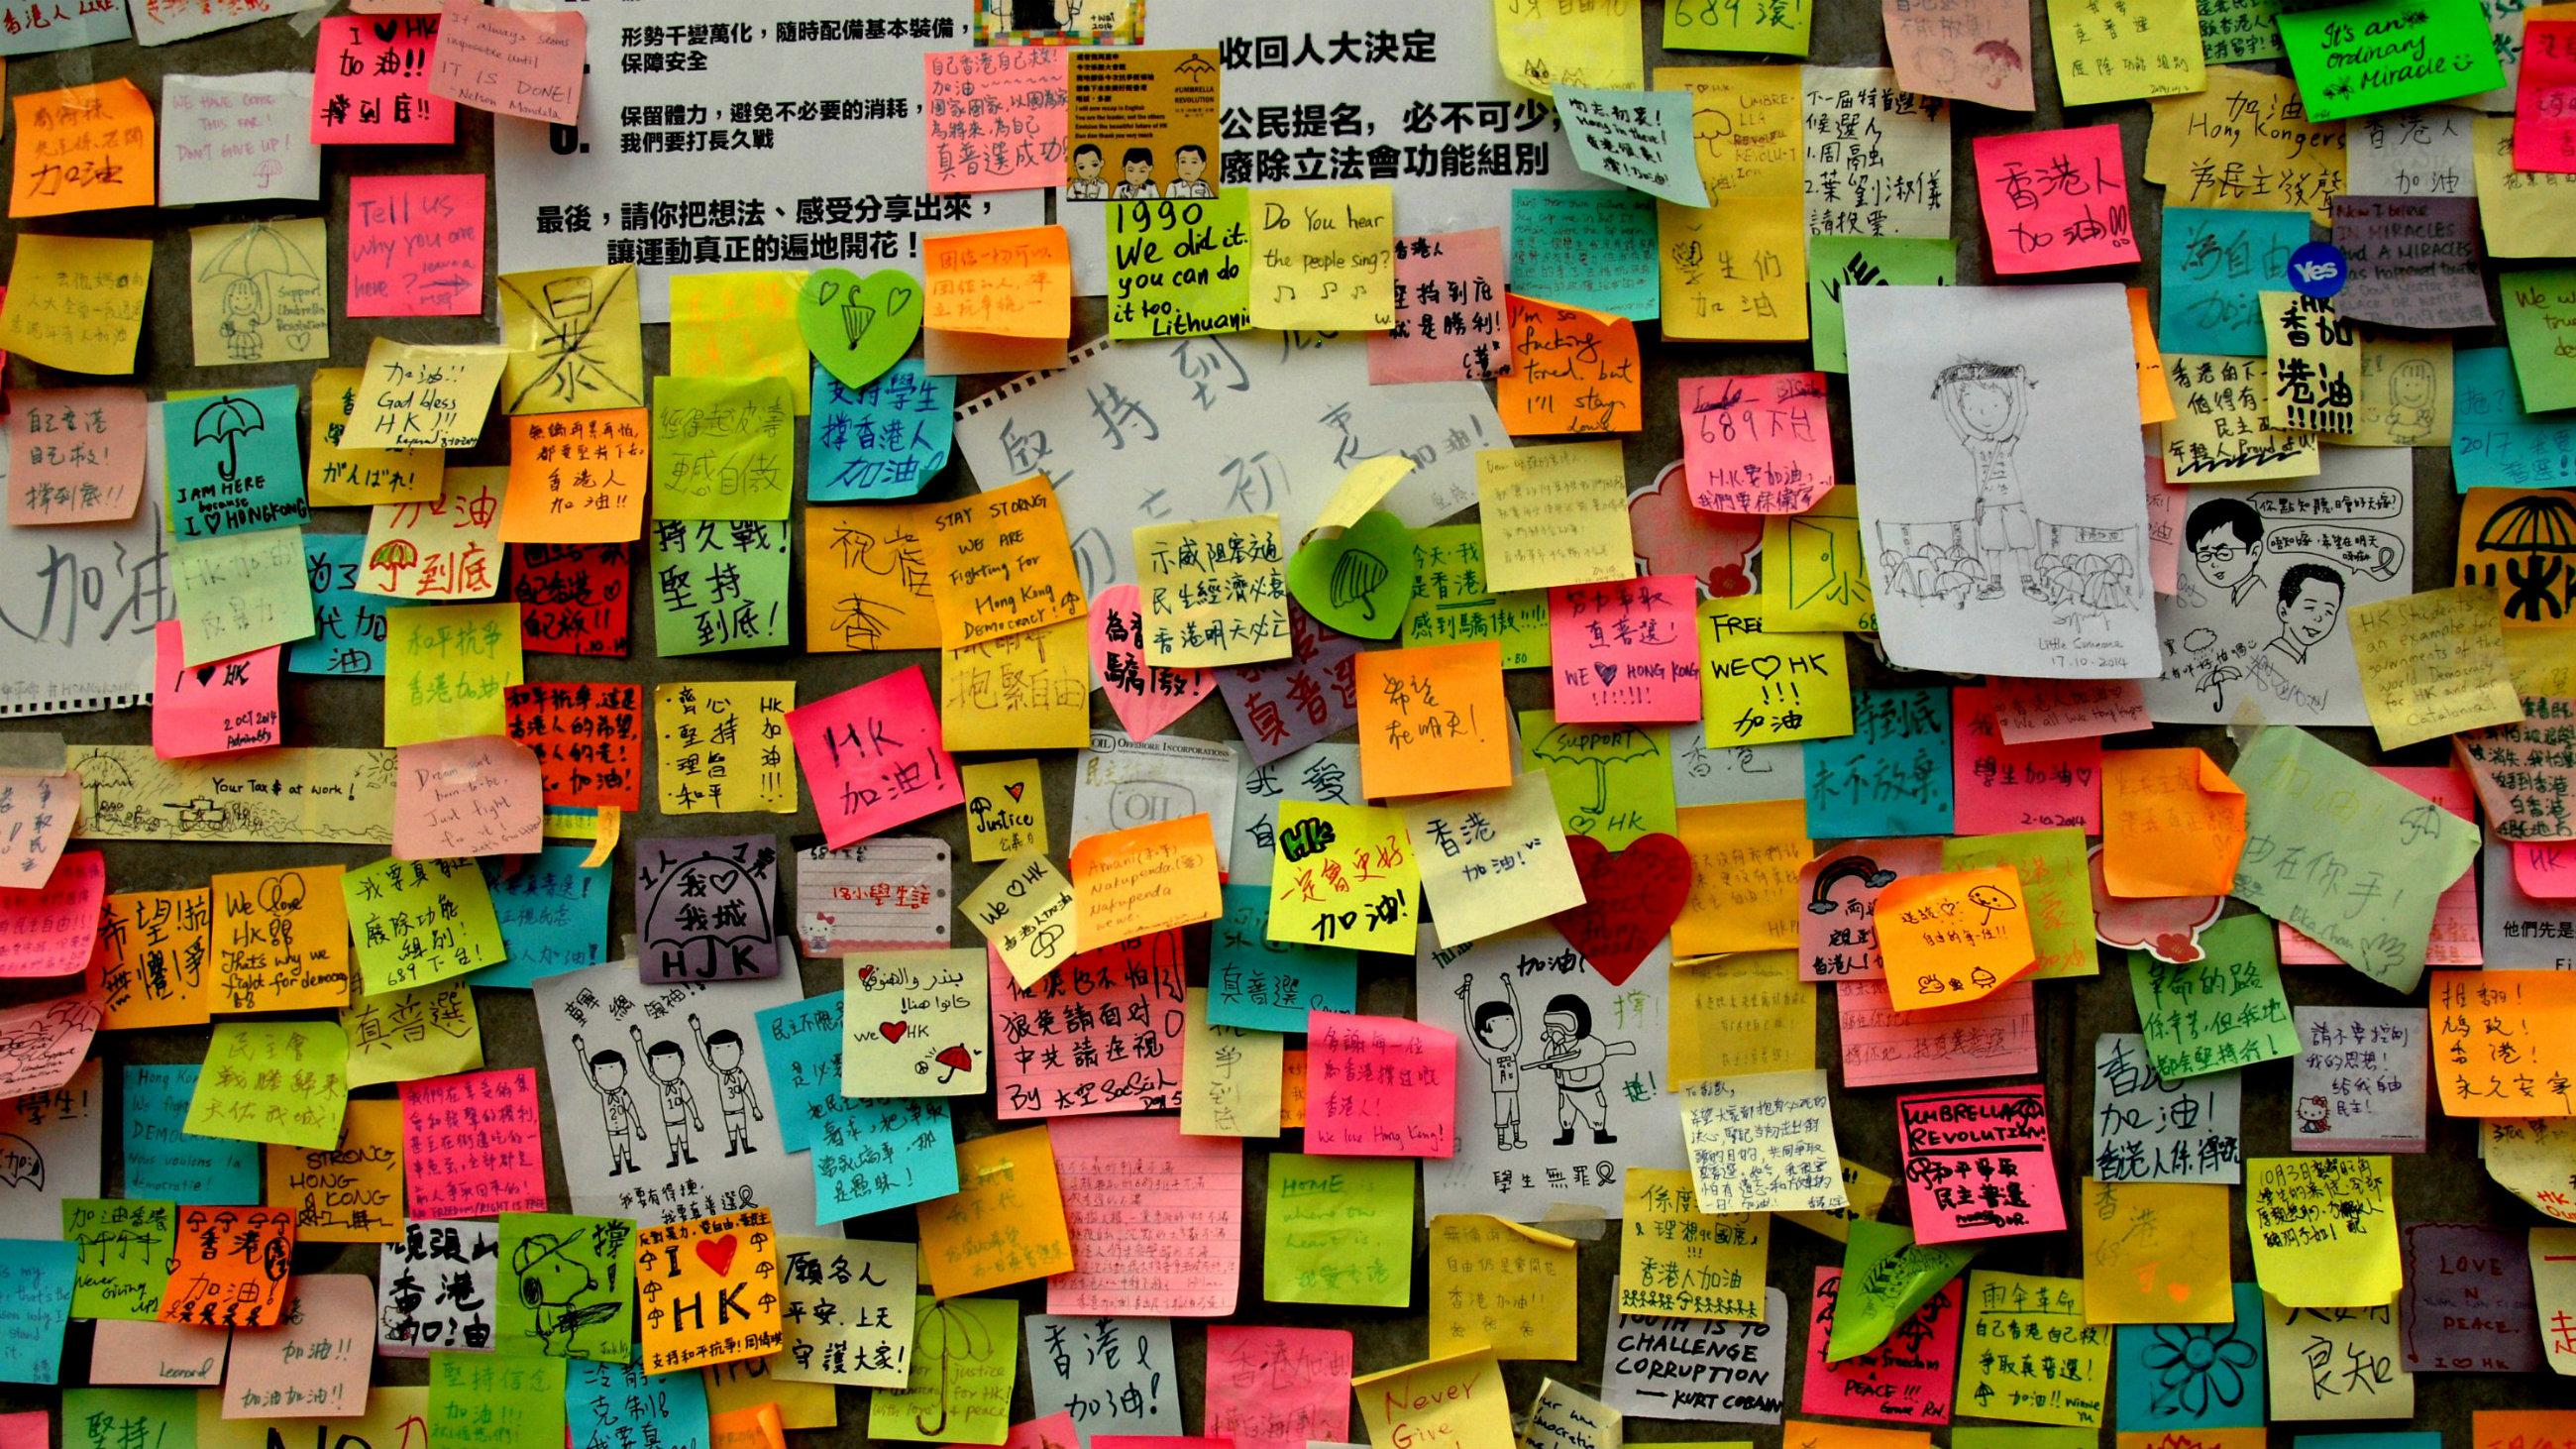 Post-It notes at Hong Kong protests.